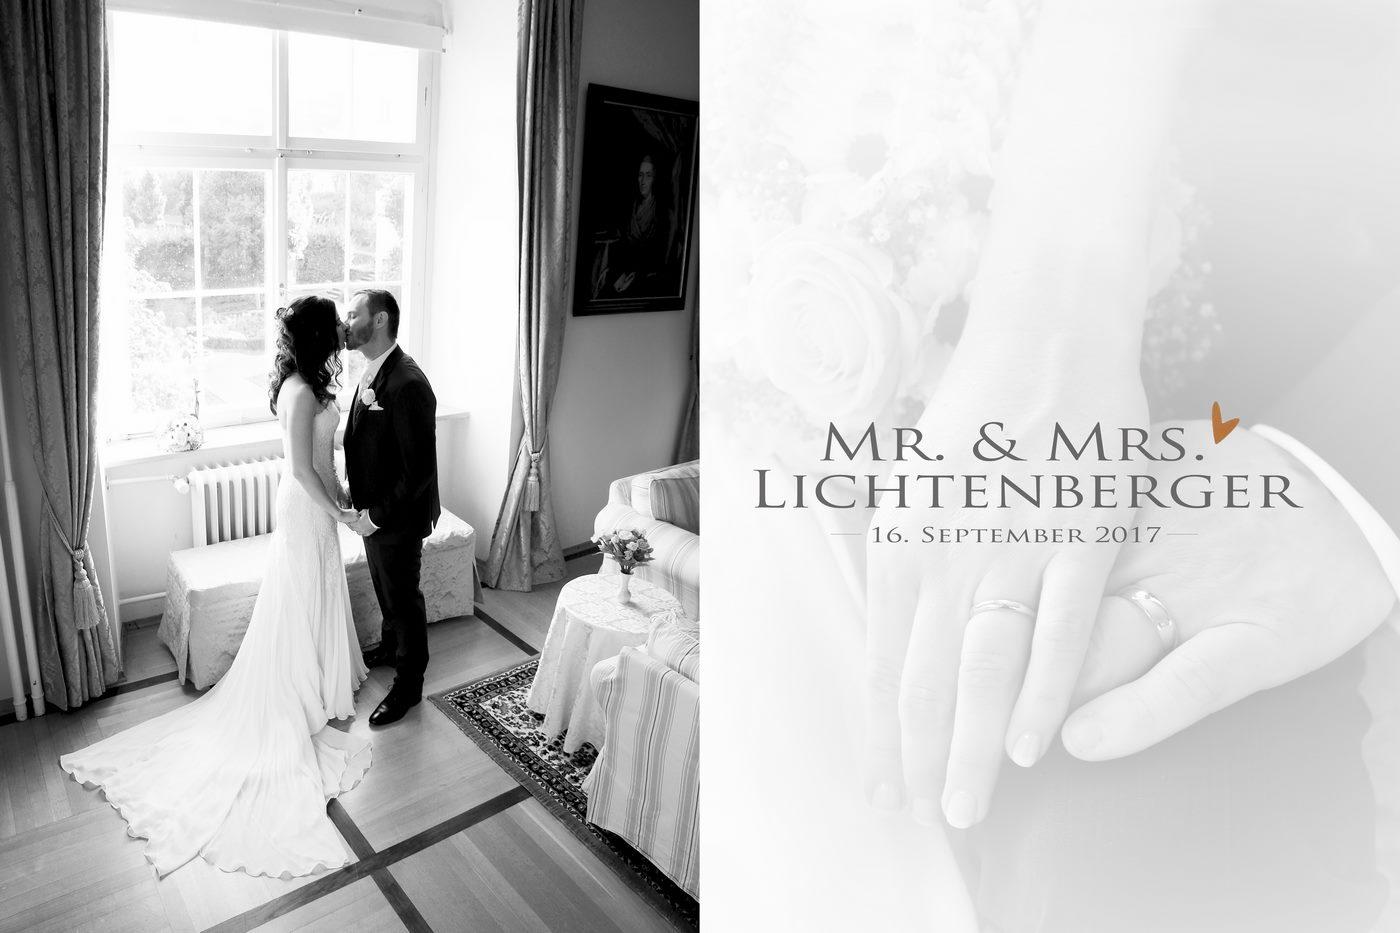 Brautpaar nach ihrem großen Tag im Hotelzimmer